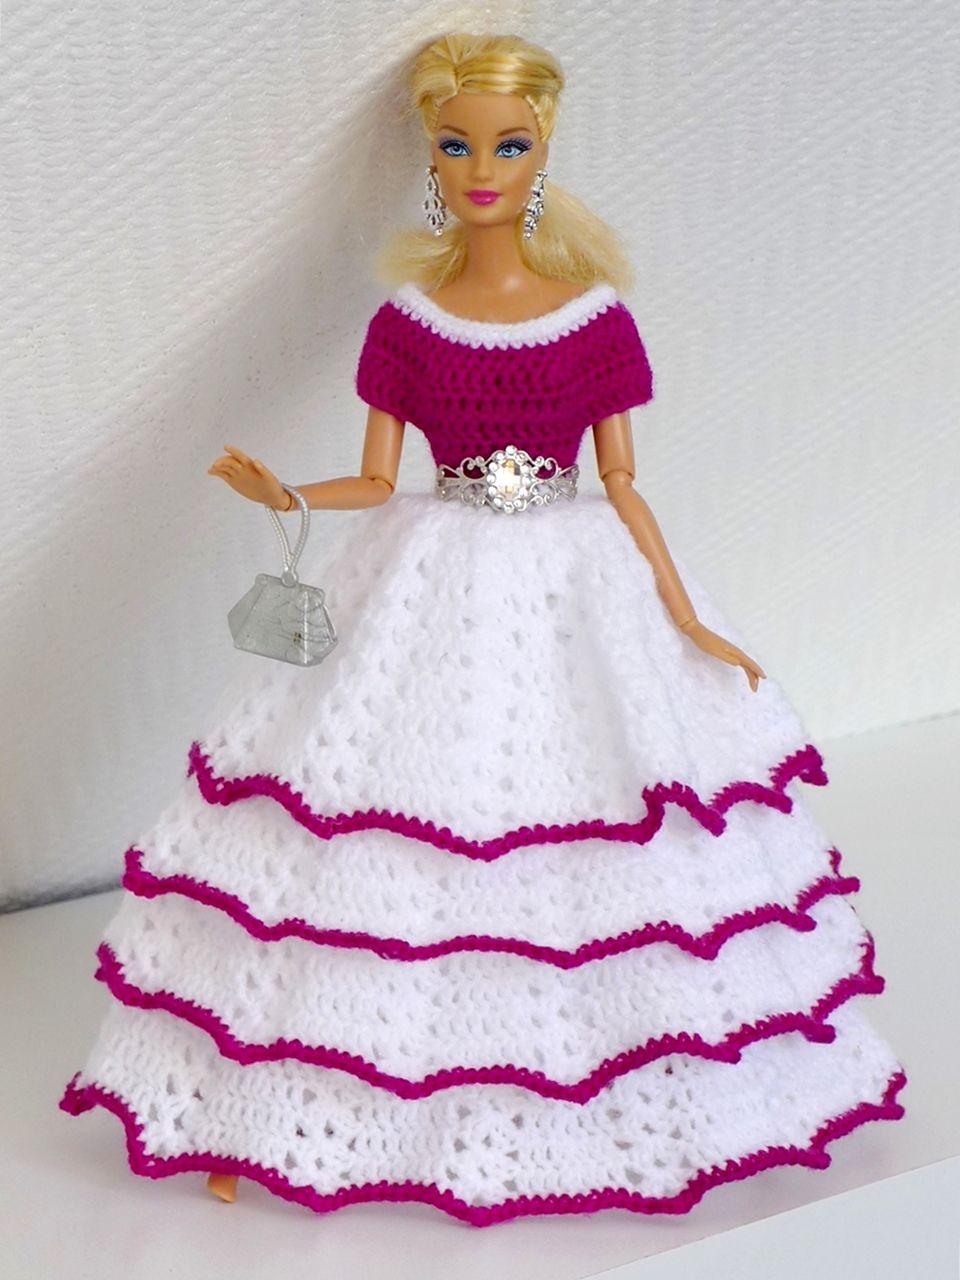 Häkelanleitung Traumhaftes Prinzessinnenkleid für kleine